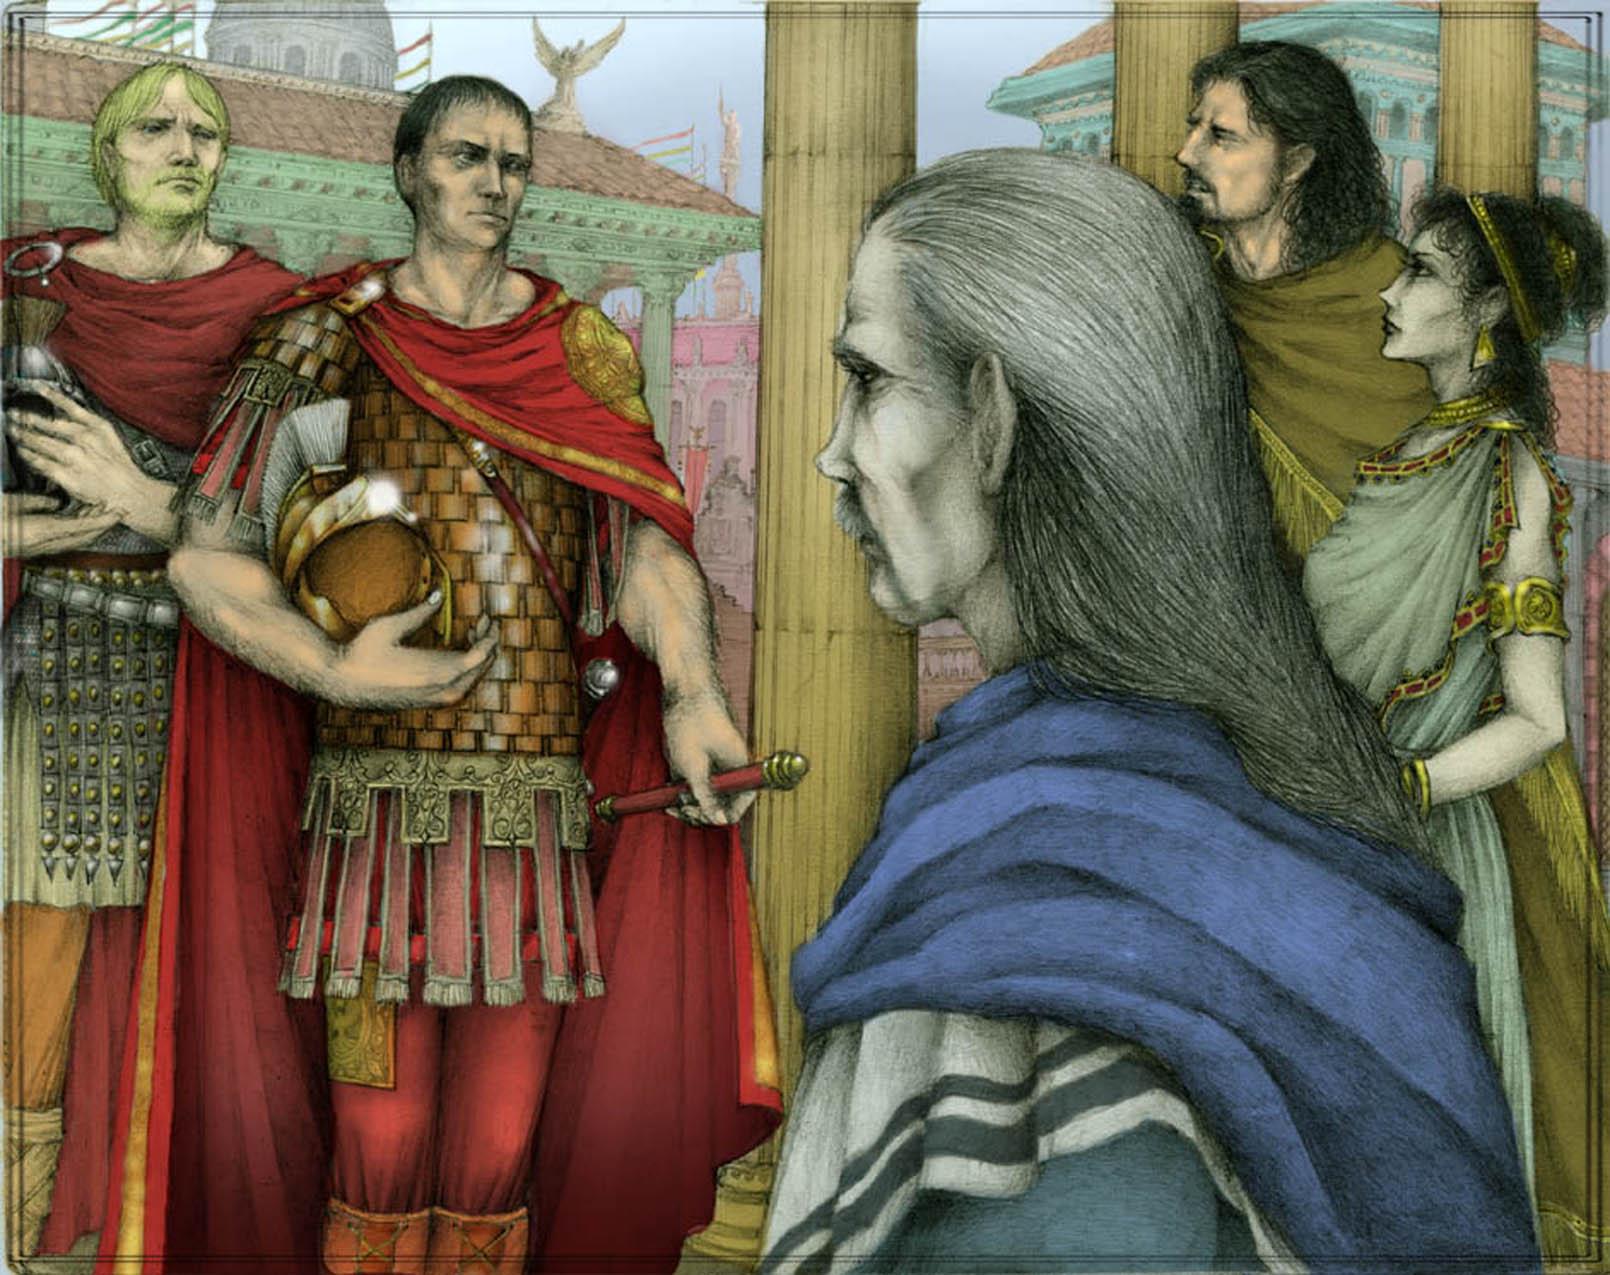 Maximus and Octavius in Corinium